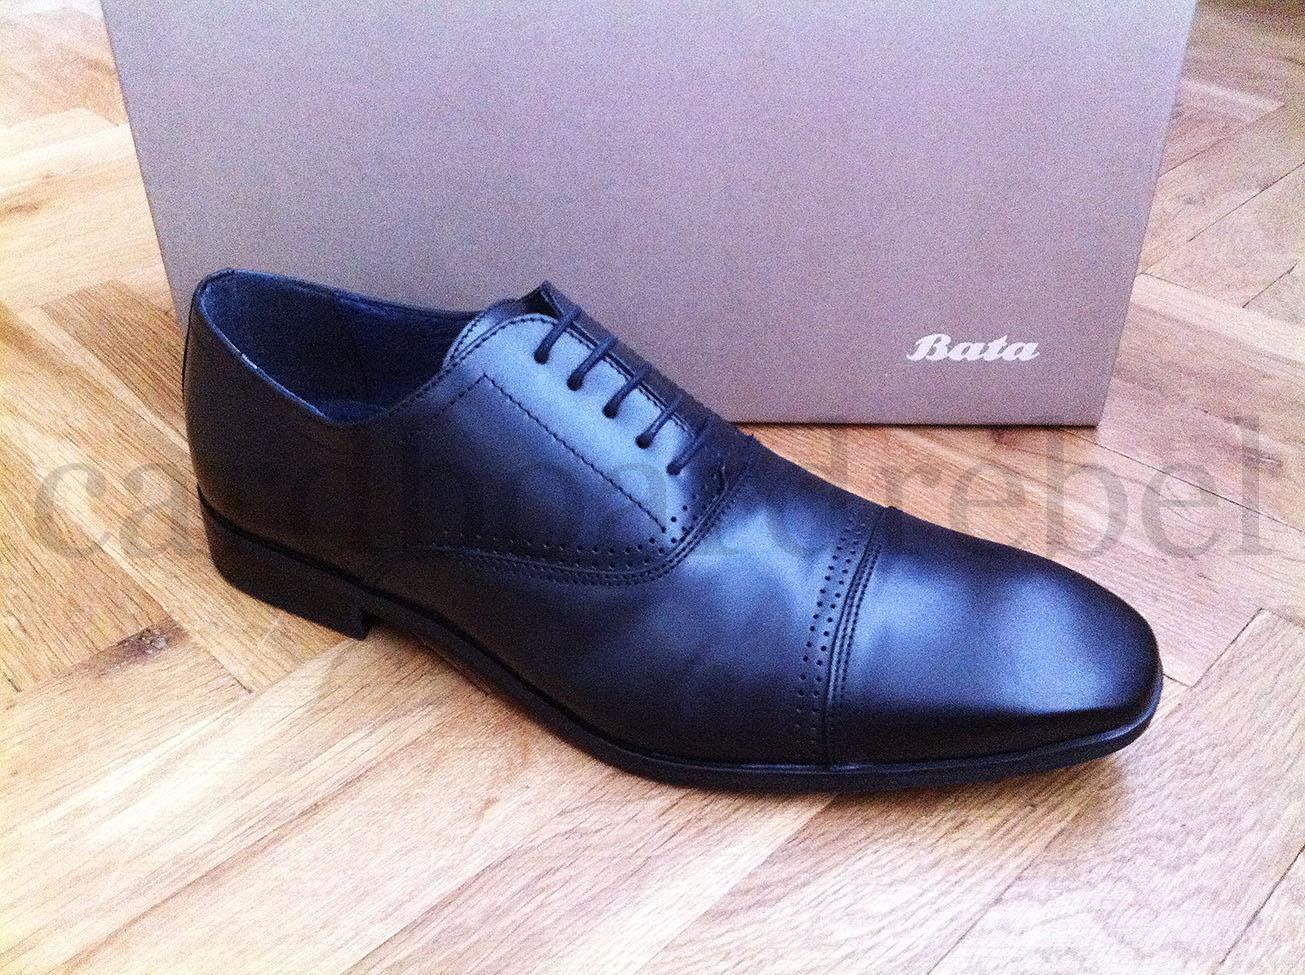 Luxusní černé kožené společenské pánské boty zn. Baťa | Aukro